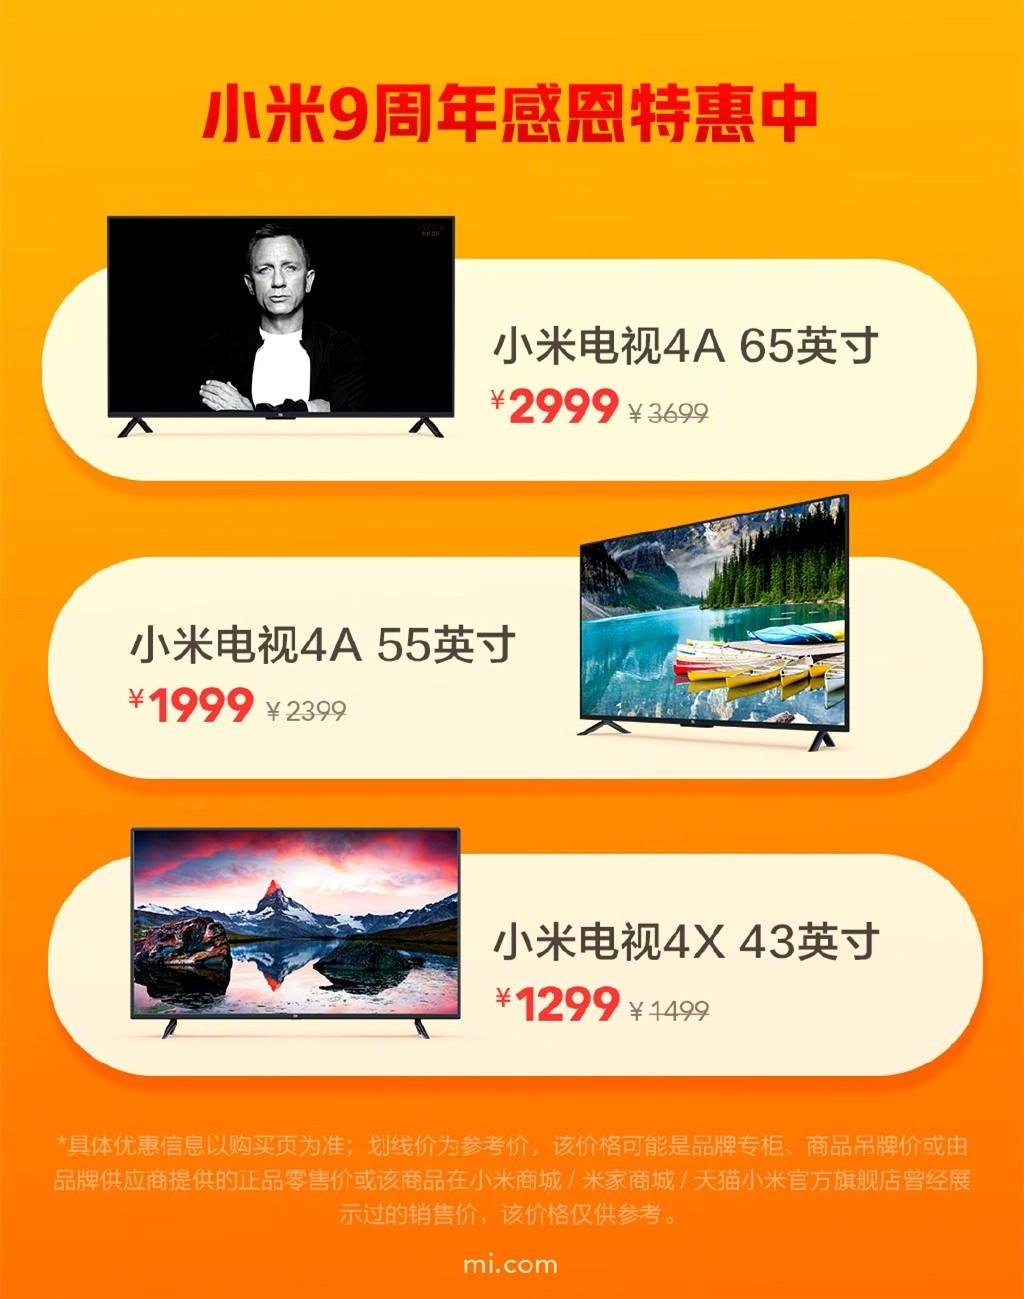 2019米粉节!小米电视12小时销量突破10万台